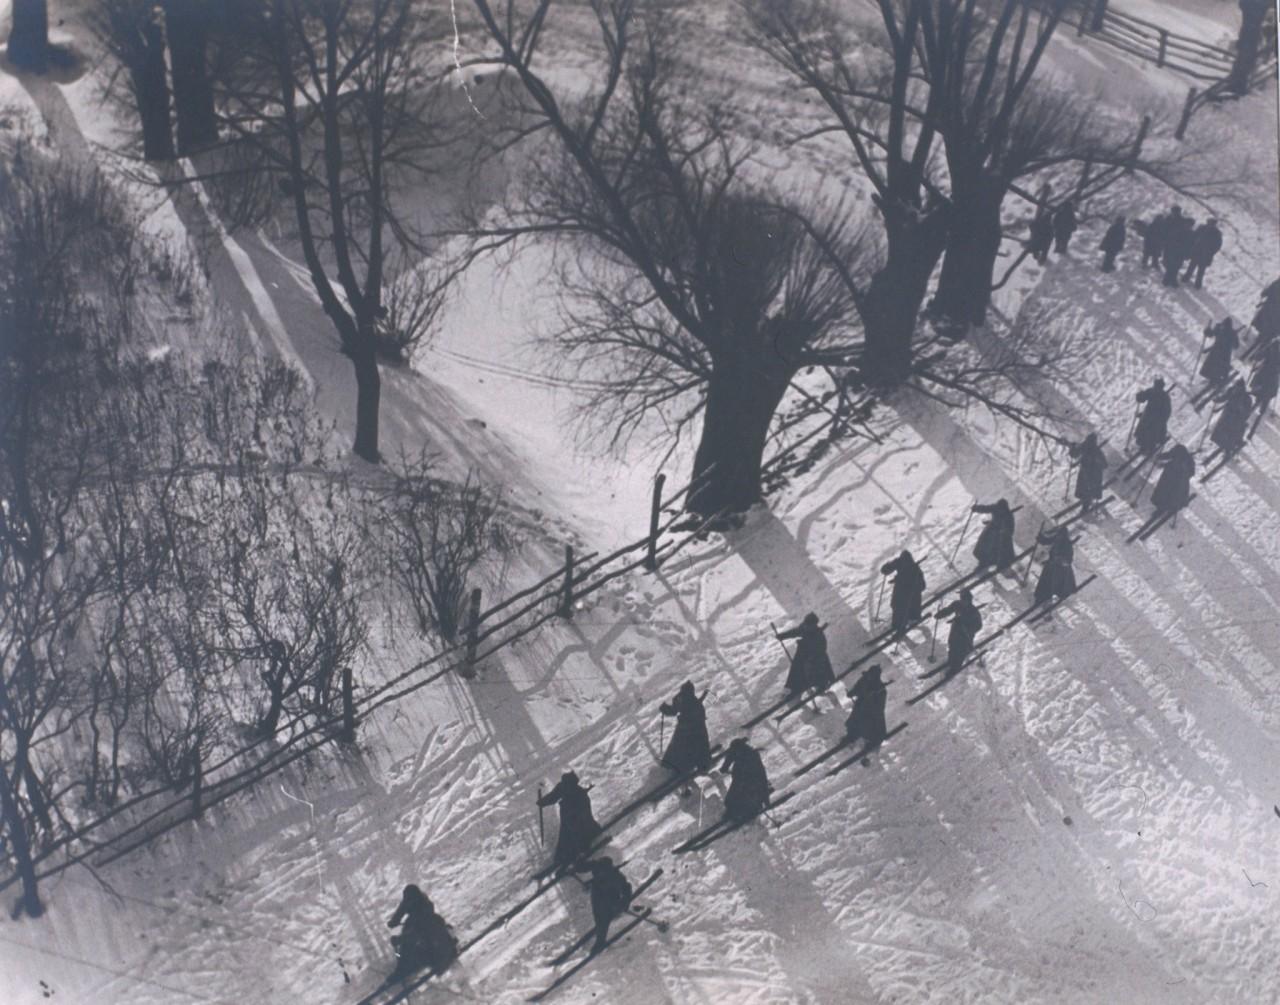 Лыжный поход красноармейцев, 1928. Фотограф Аркадий Шайхет